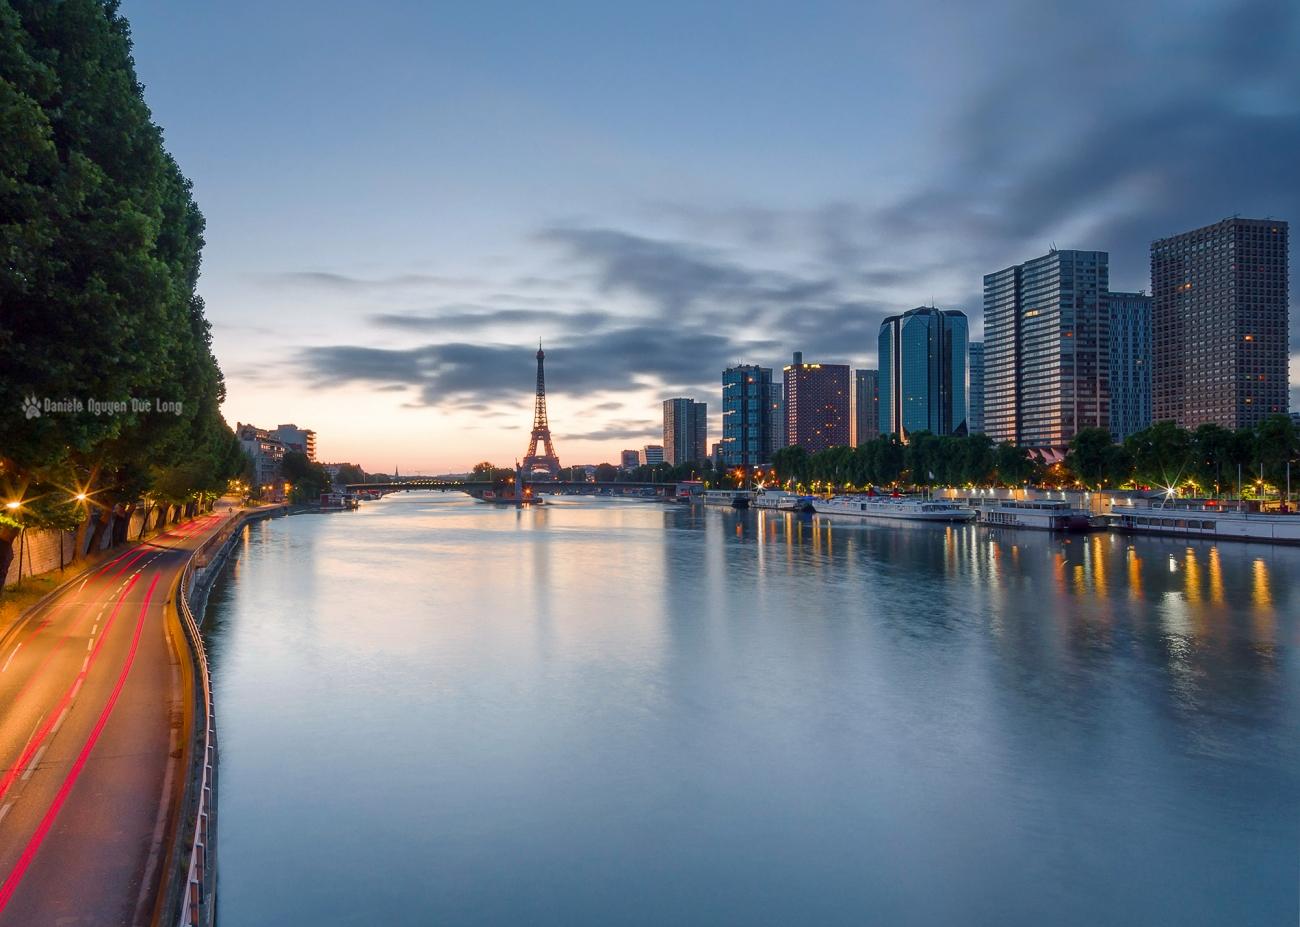 lever du jour sur la Tour Eiffel et le quartier Beaugrenelle depuis le pont Mirabeau